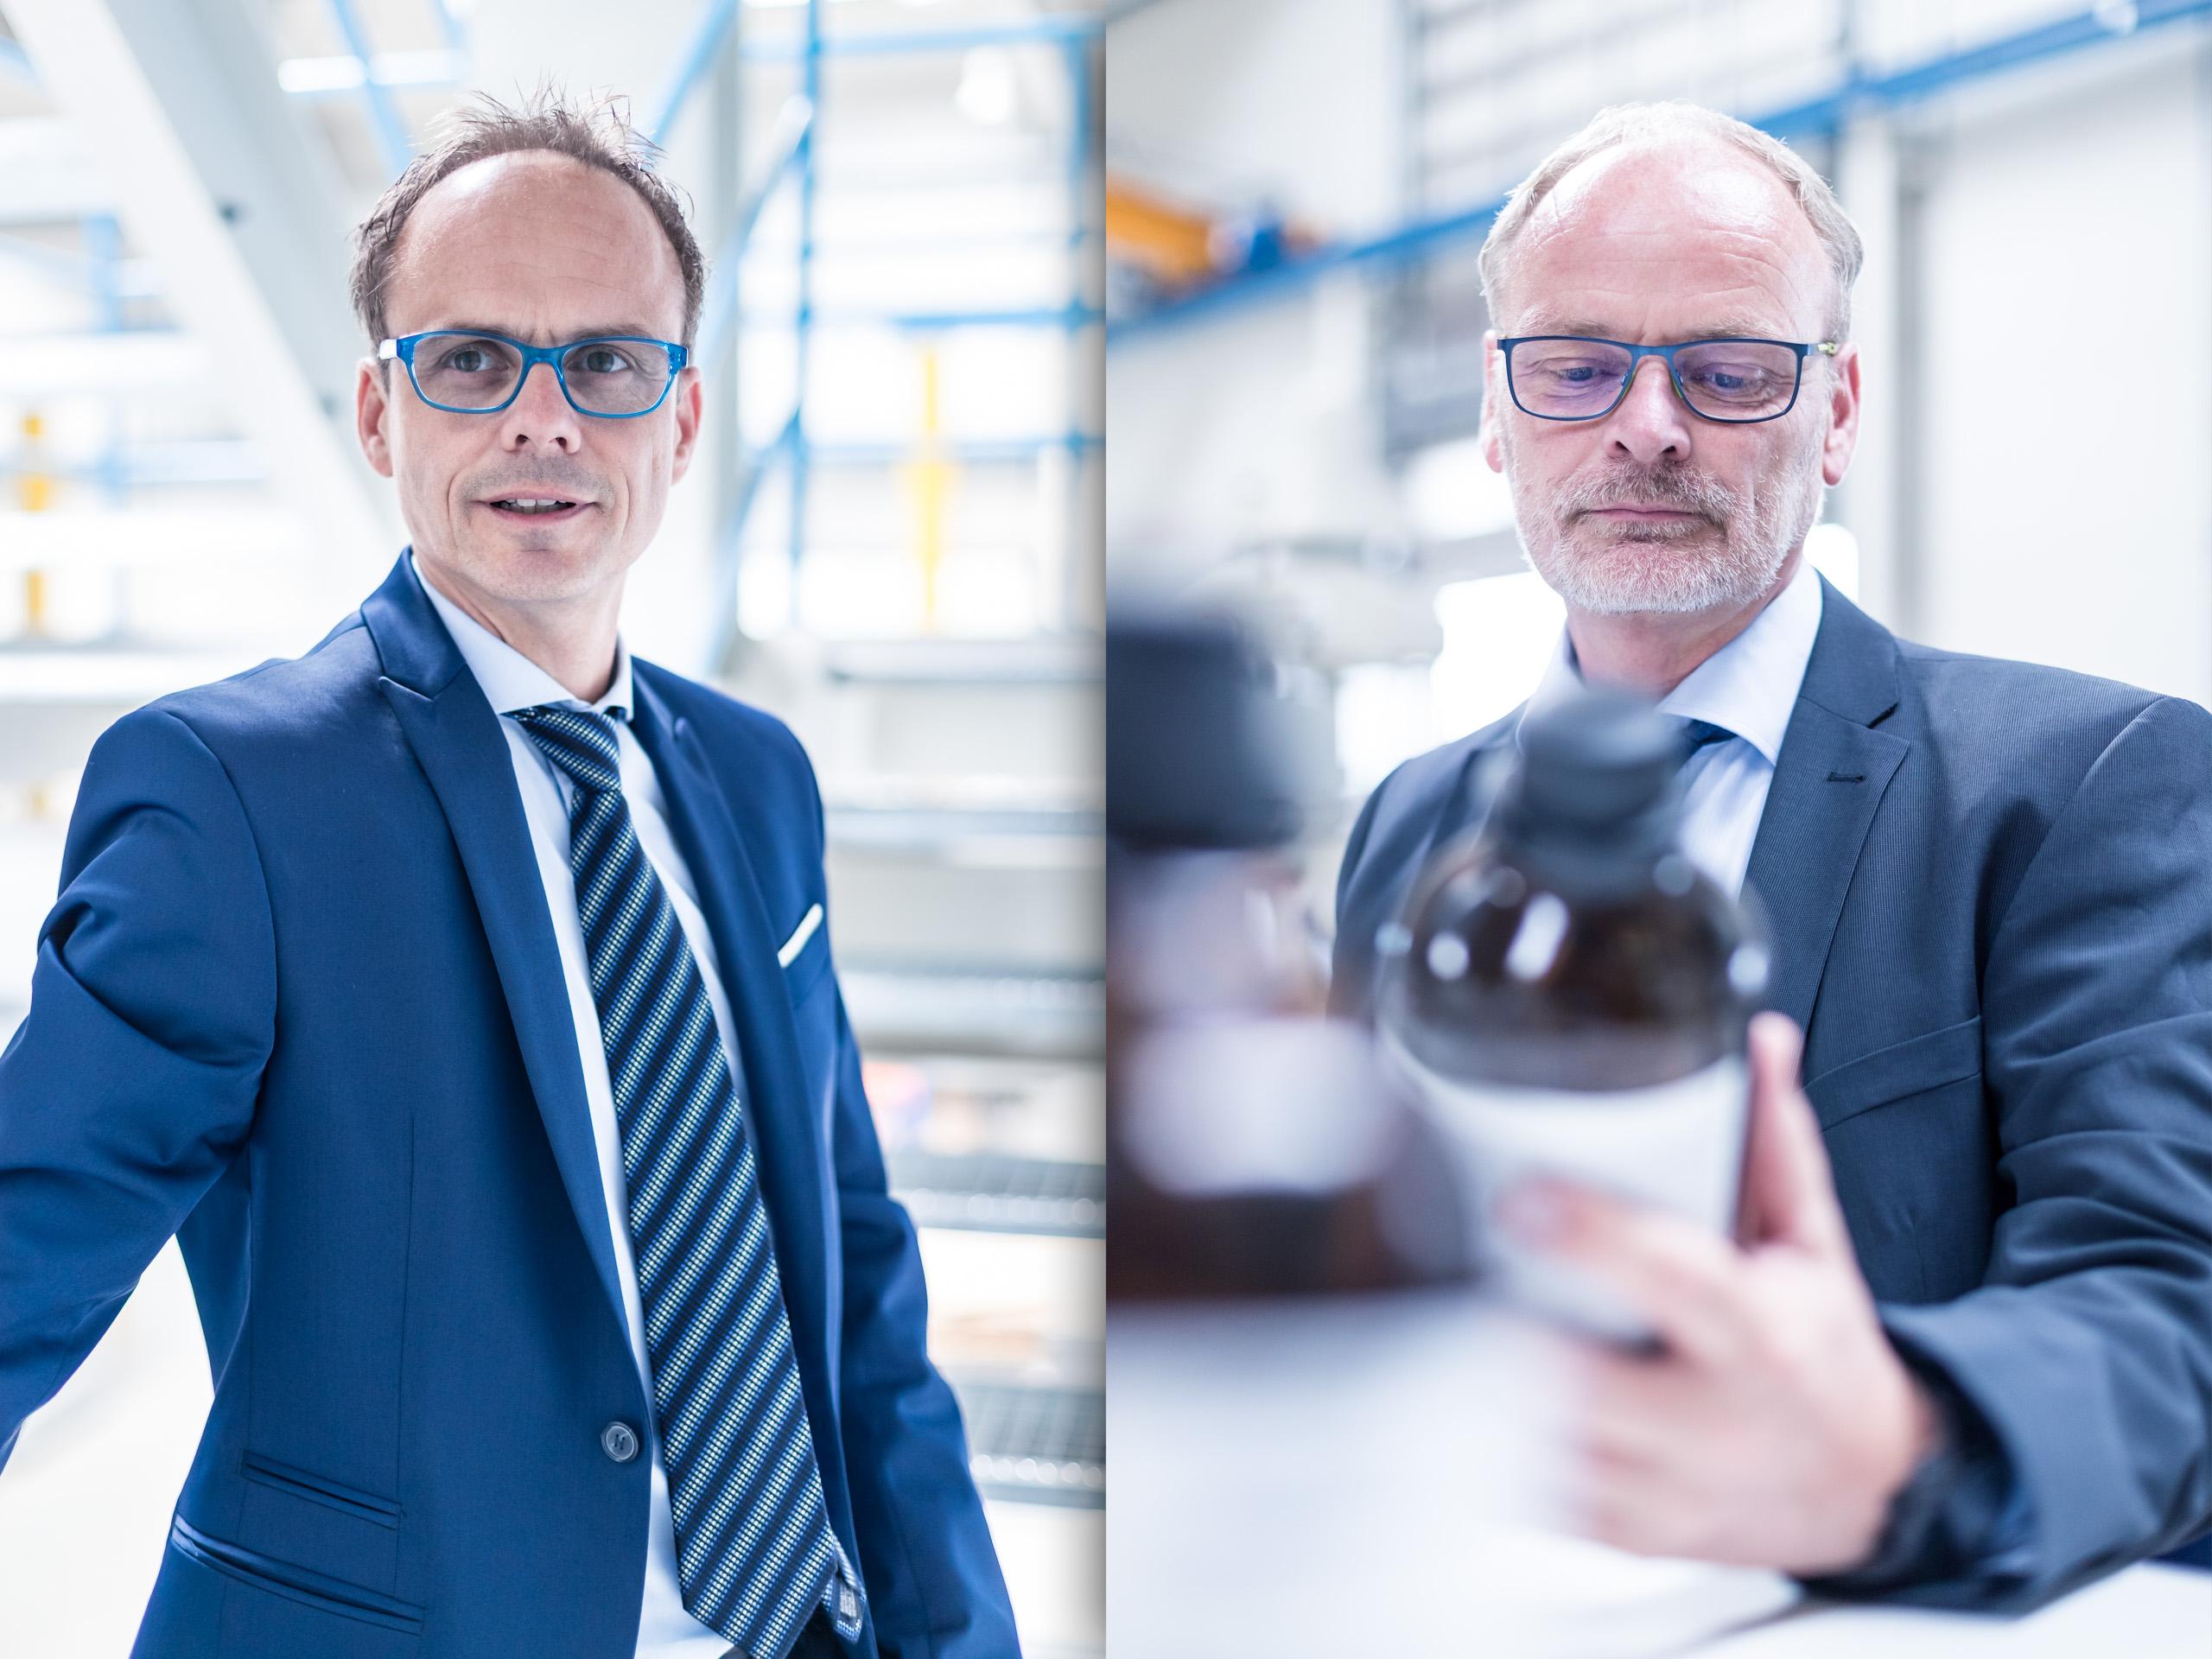 männliche Kollegen im Labor zur Qualitätssicherung Business Portraits Bestager mit Brille